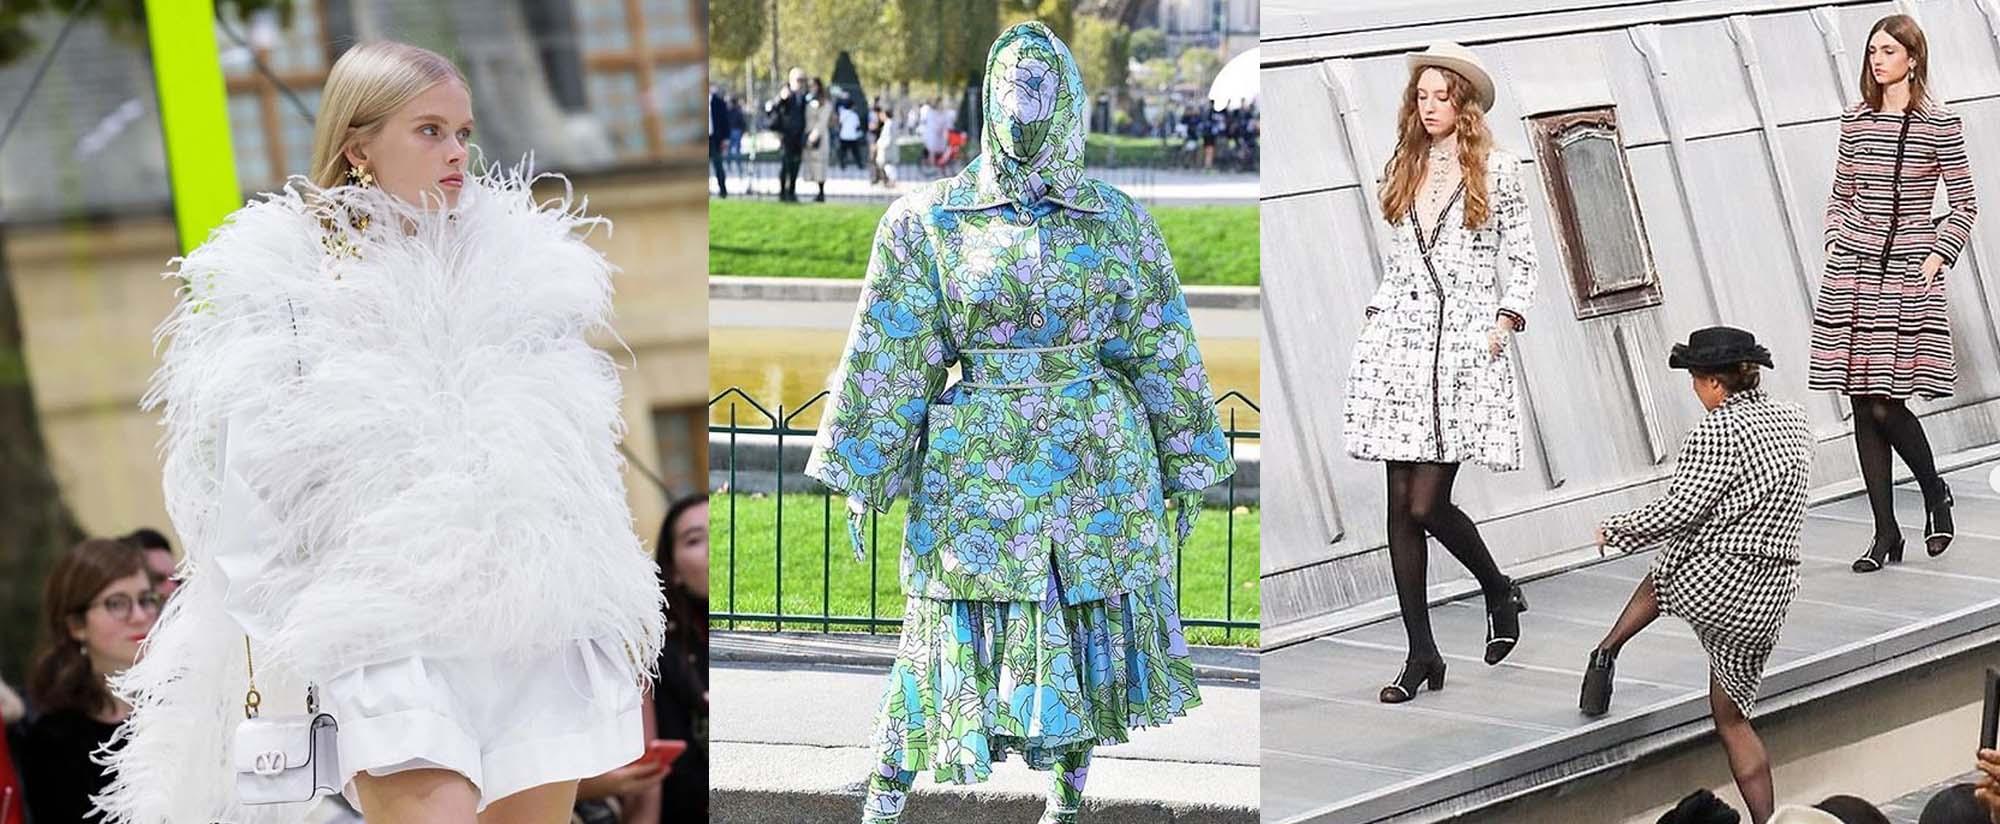 שבוע האופנה בפריז 2019, אופנה 2020, Fashion Israel, חדשות אופנה 2020, כתבות אופנה 2020, טרנדים 2020, מגזין אופנה ישראלי -